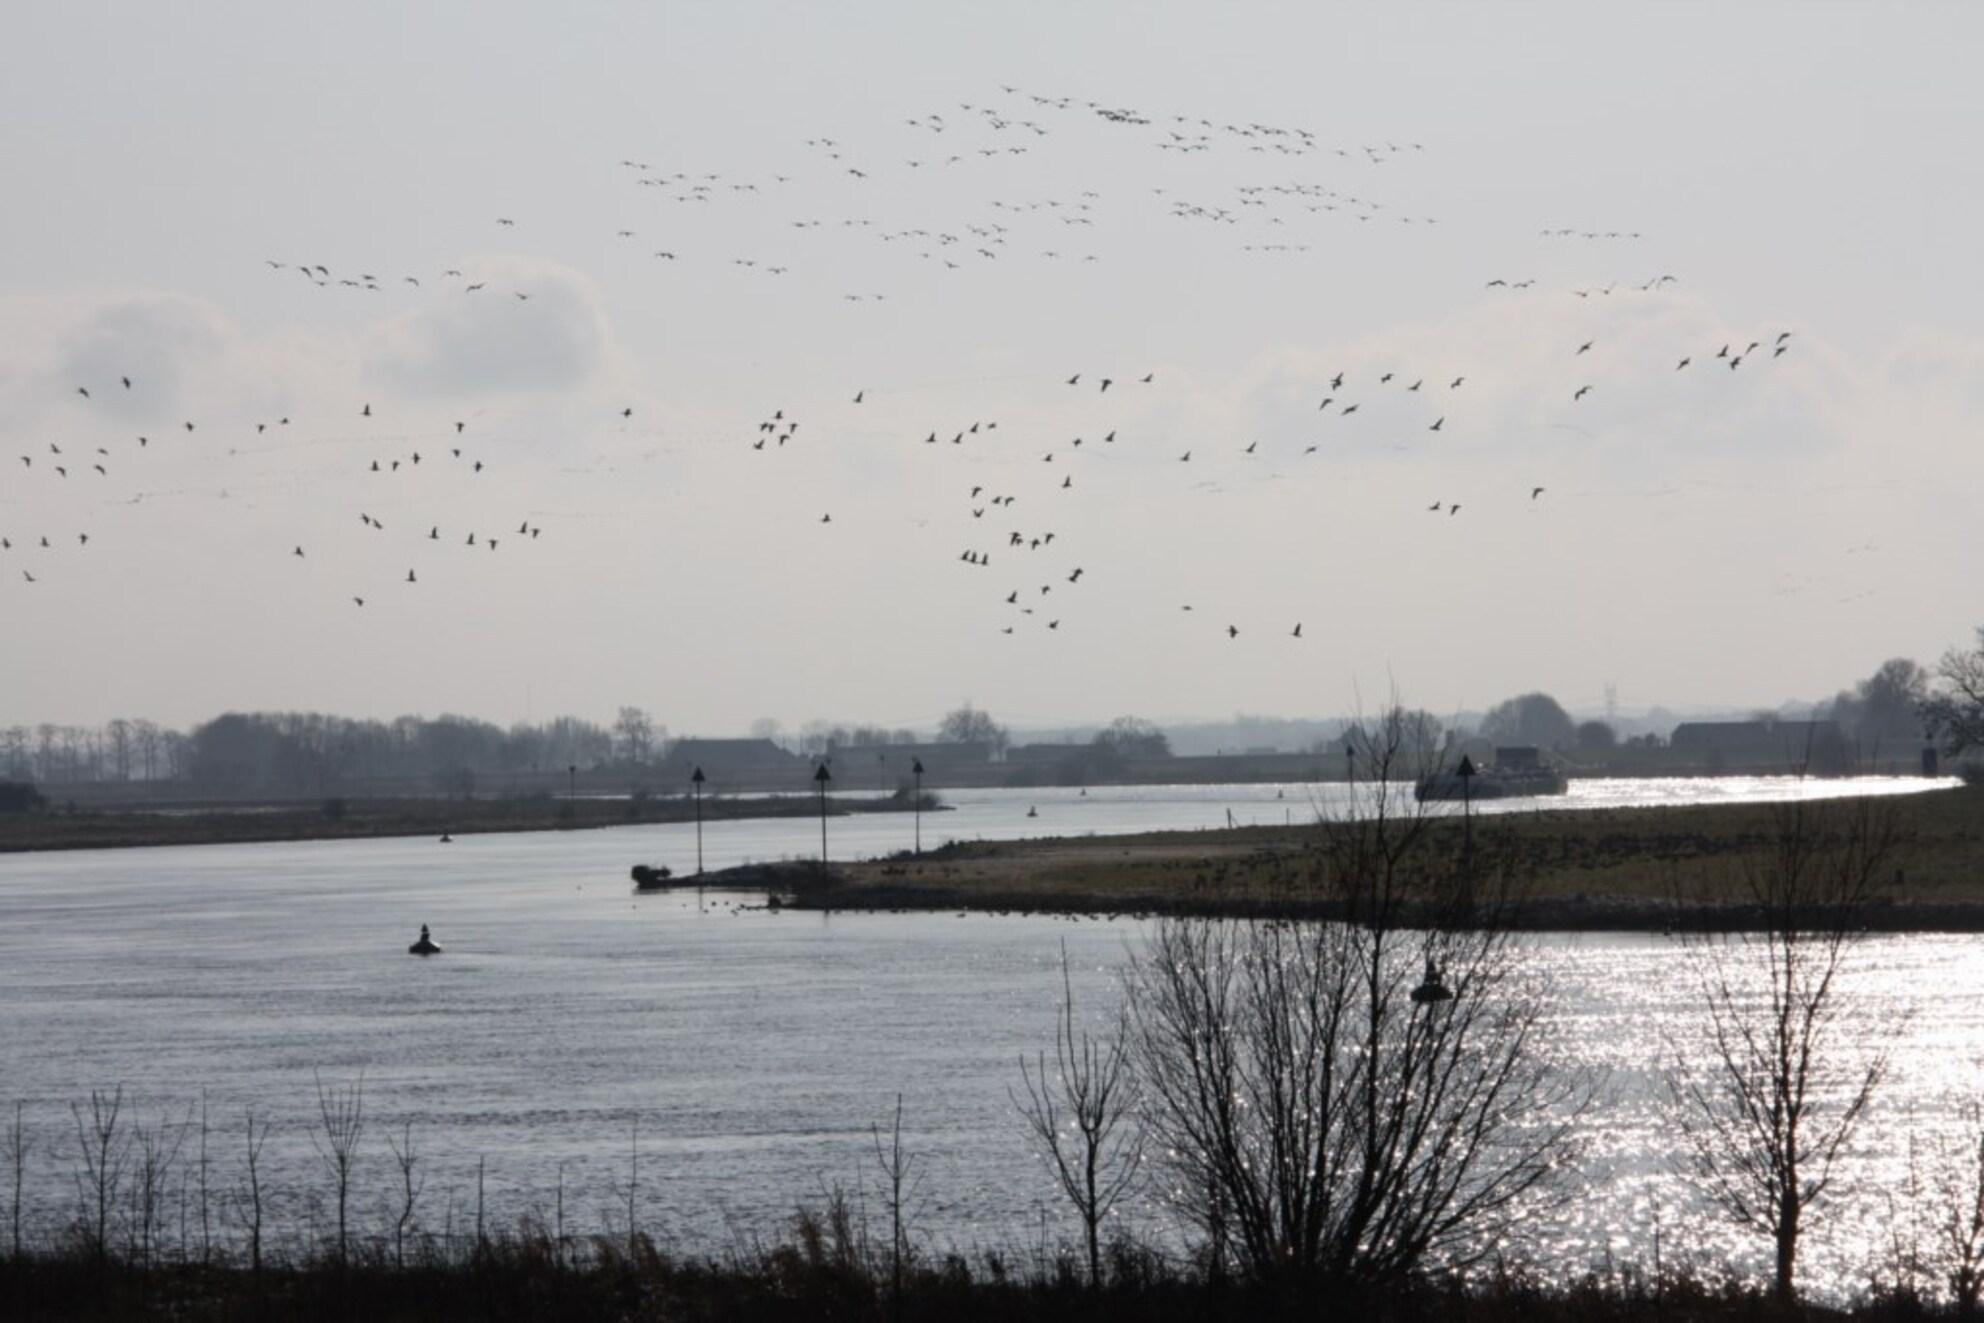 IJssel, slingerend door het landschap - IJssel, fourageerplaats voor watervogels - foto door eerbeekh op 19-10-2013 - deze foto bevat: dijk, ijssel, ganzen, rivier